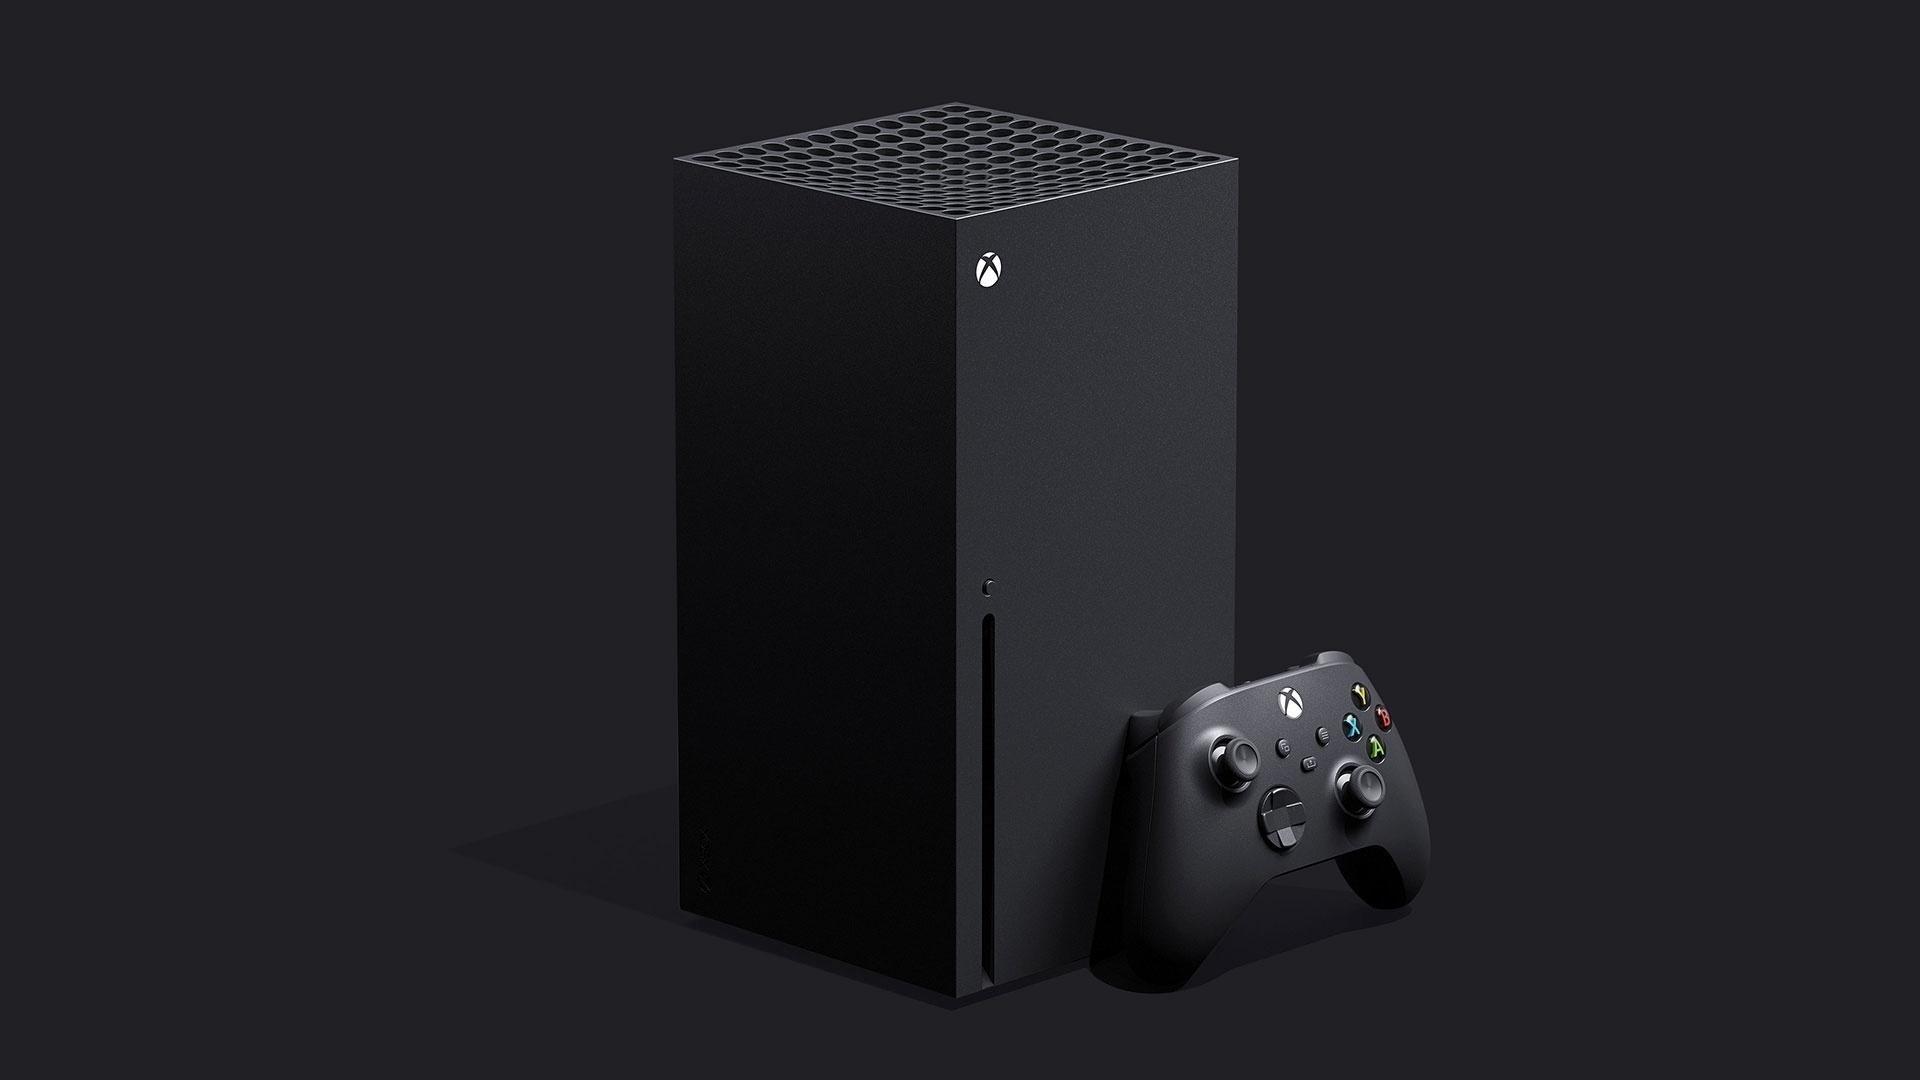 Xbox Series X/S: pré-venda dos consoles começa amanhã | Voxel